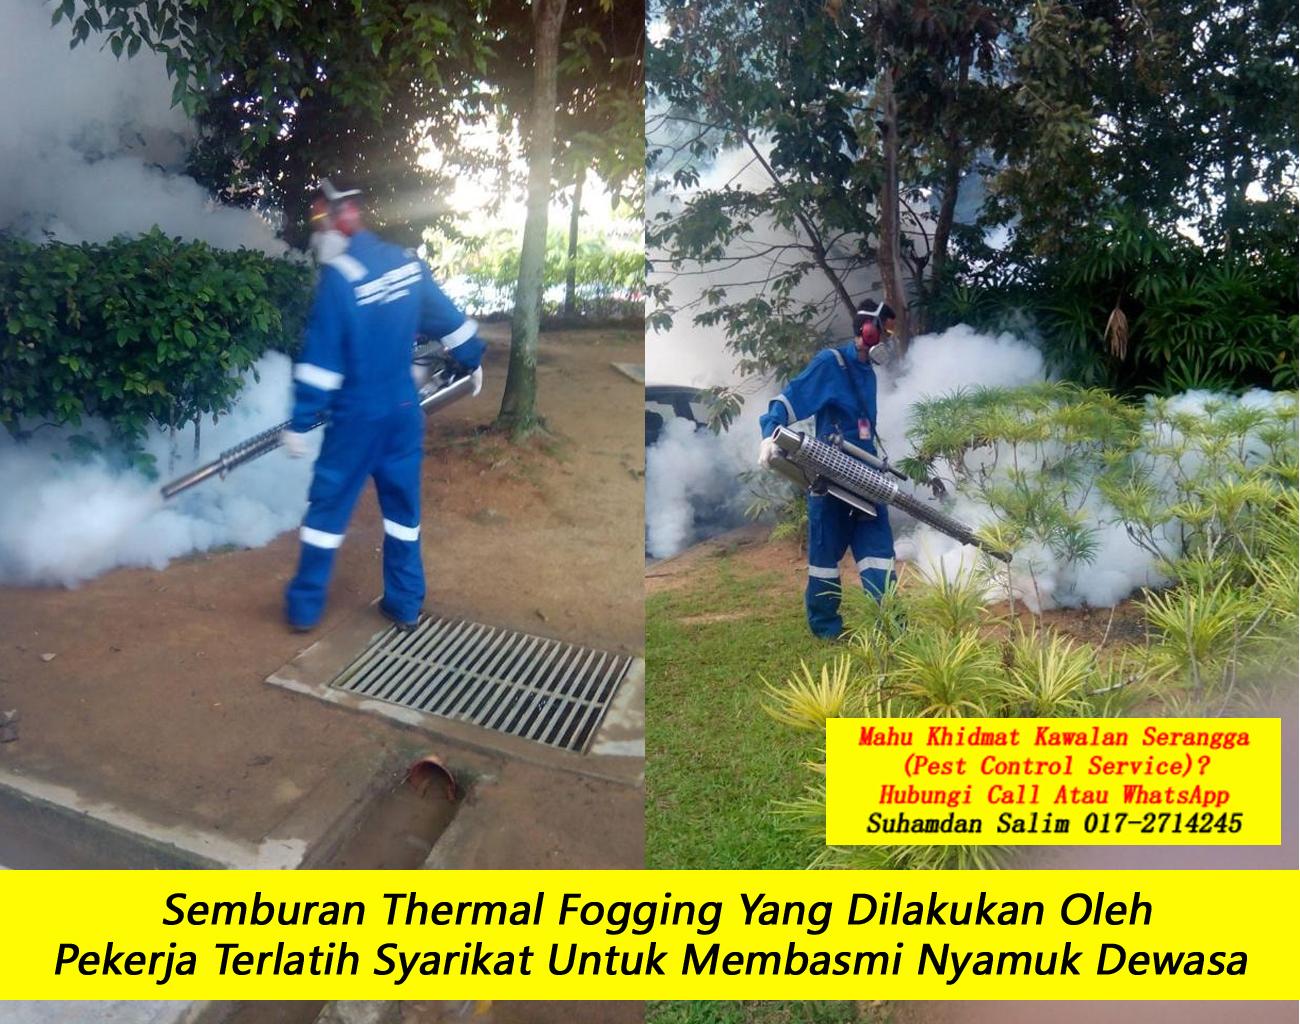 khidmat kawalan semburan nyamuk fogging larvaciding oleh syarikat kawalan serangga company pest control taman desa kl felda Bukit Damansara perumahan kawasan perindustrian near me